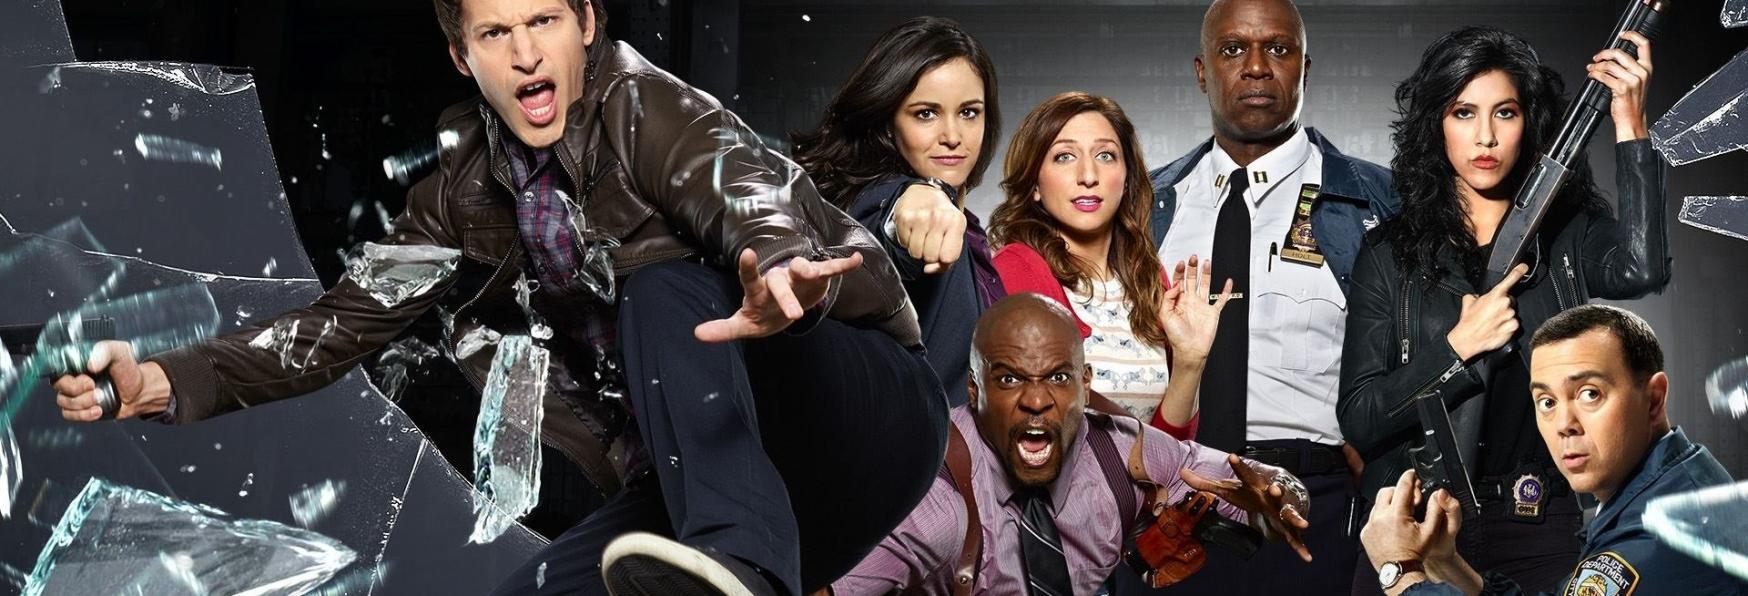 Brooklyn Nine-Nine 7: uno dei Creatori svela un suo Rimpianto riguardo la Serie TV NBC